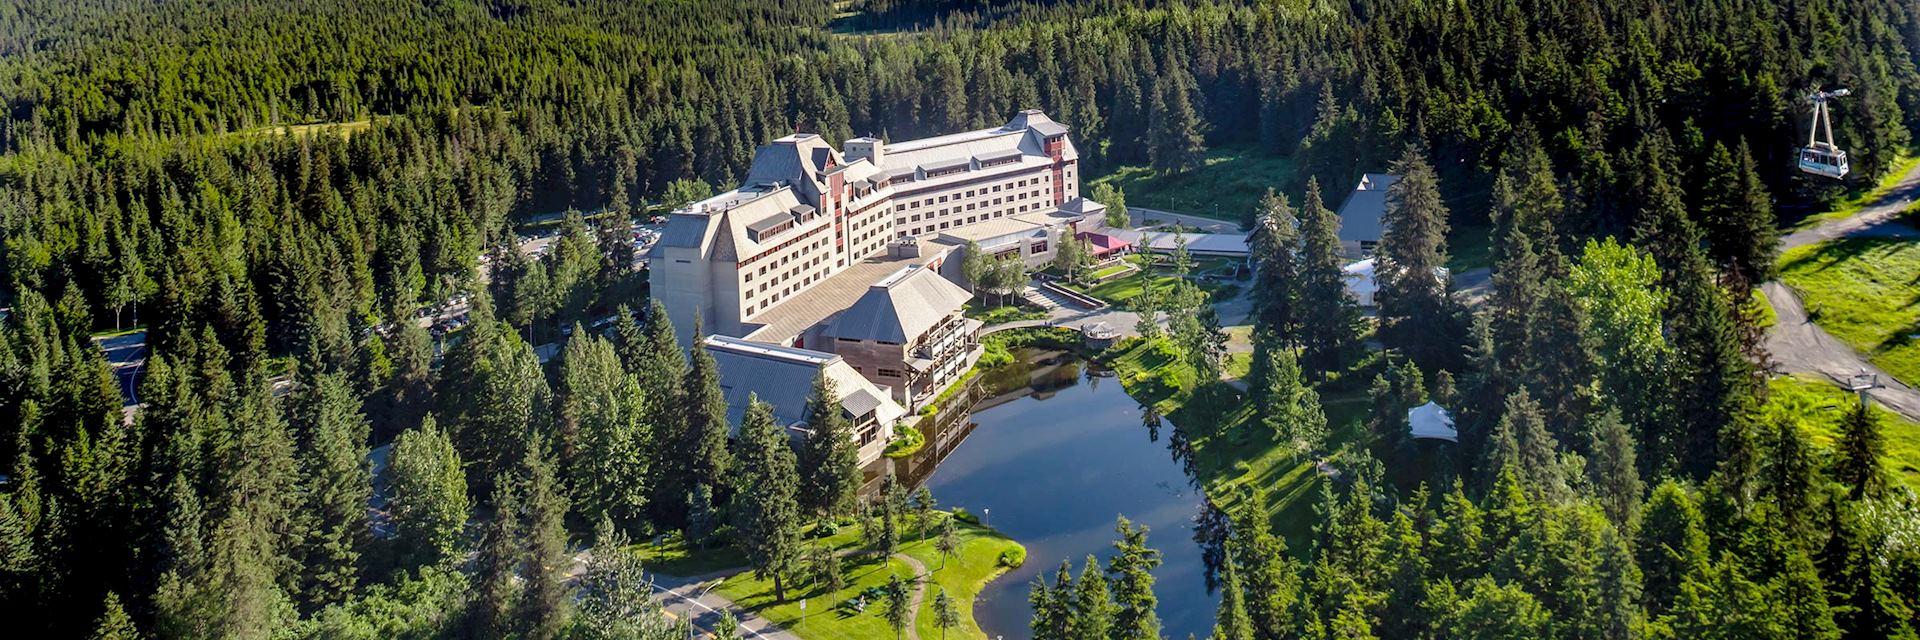 The Hotel Alyeska at Alyeska Resort